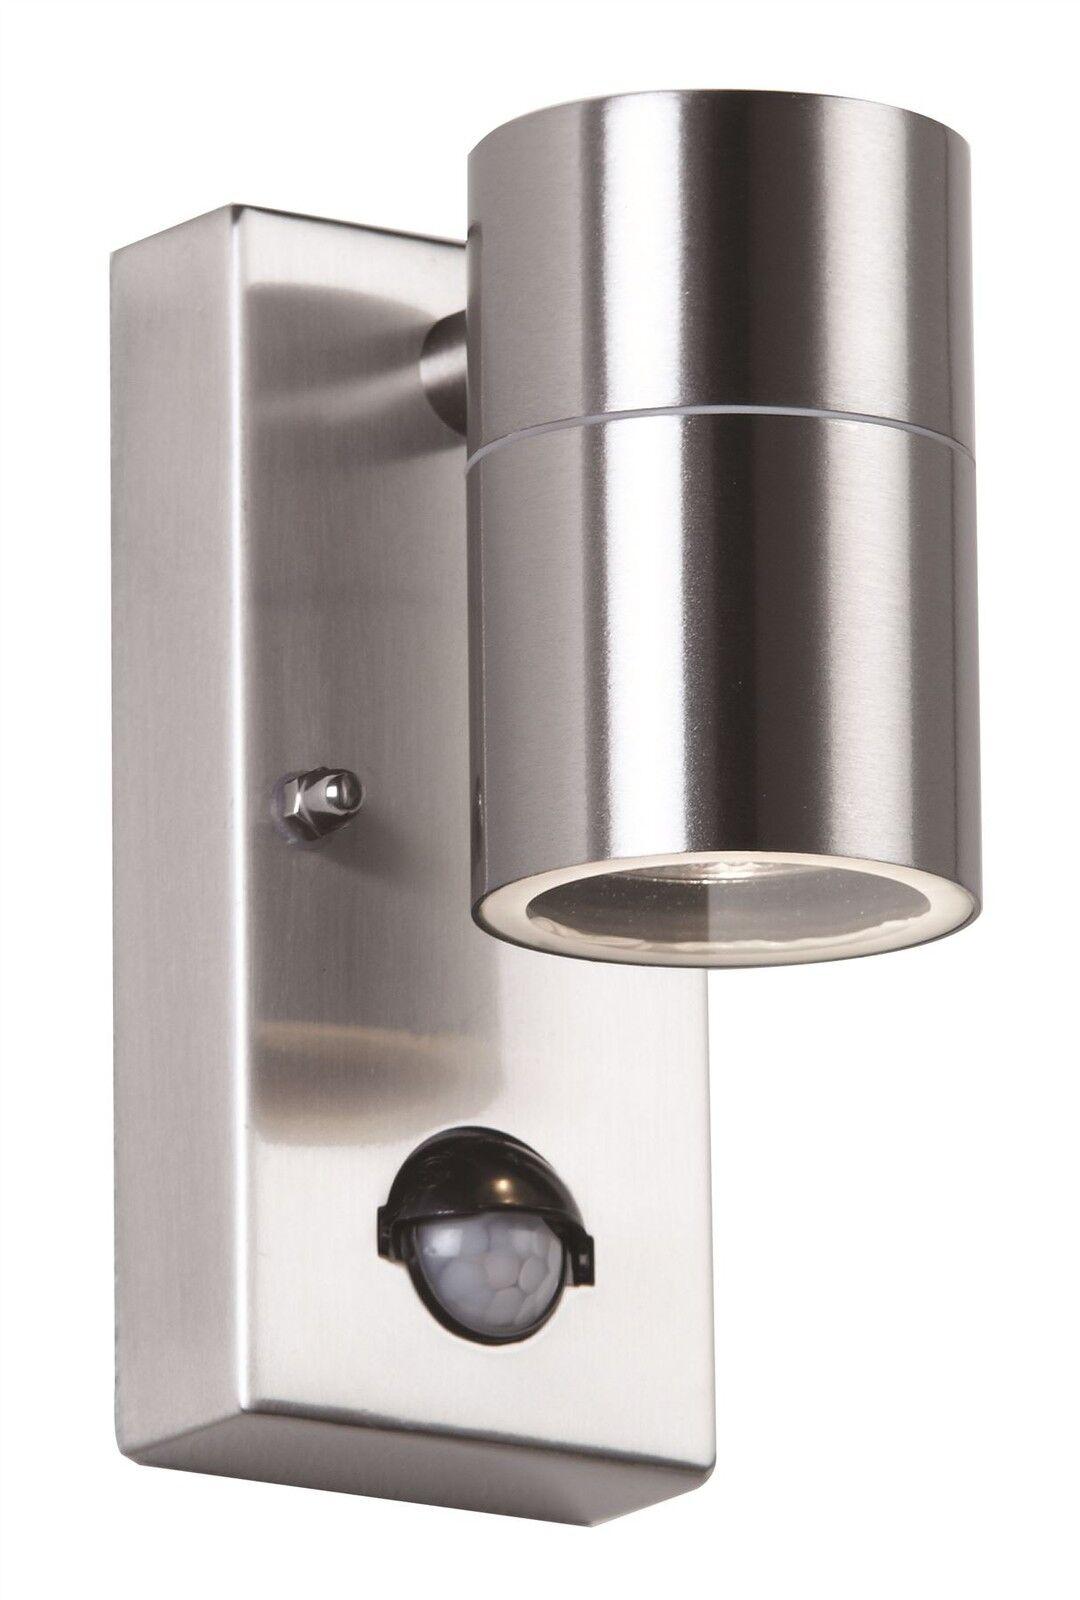 consegna veloce PIR da esterno esterno esterno Luce Parete-in acciaio INOX lucido, finitura in vetro trasparente  prezzi bassi di tutti i giorni